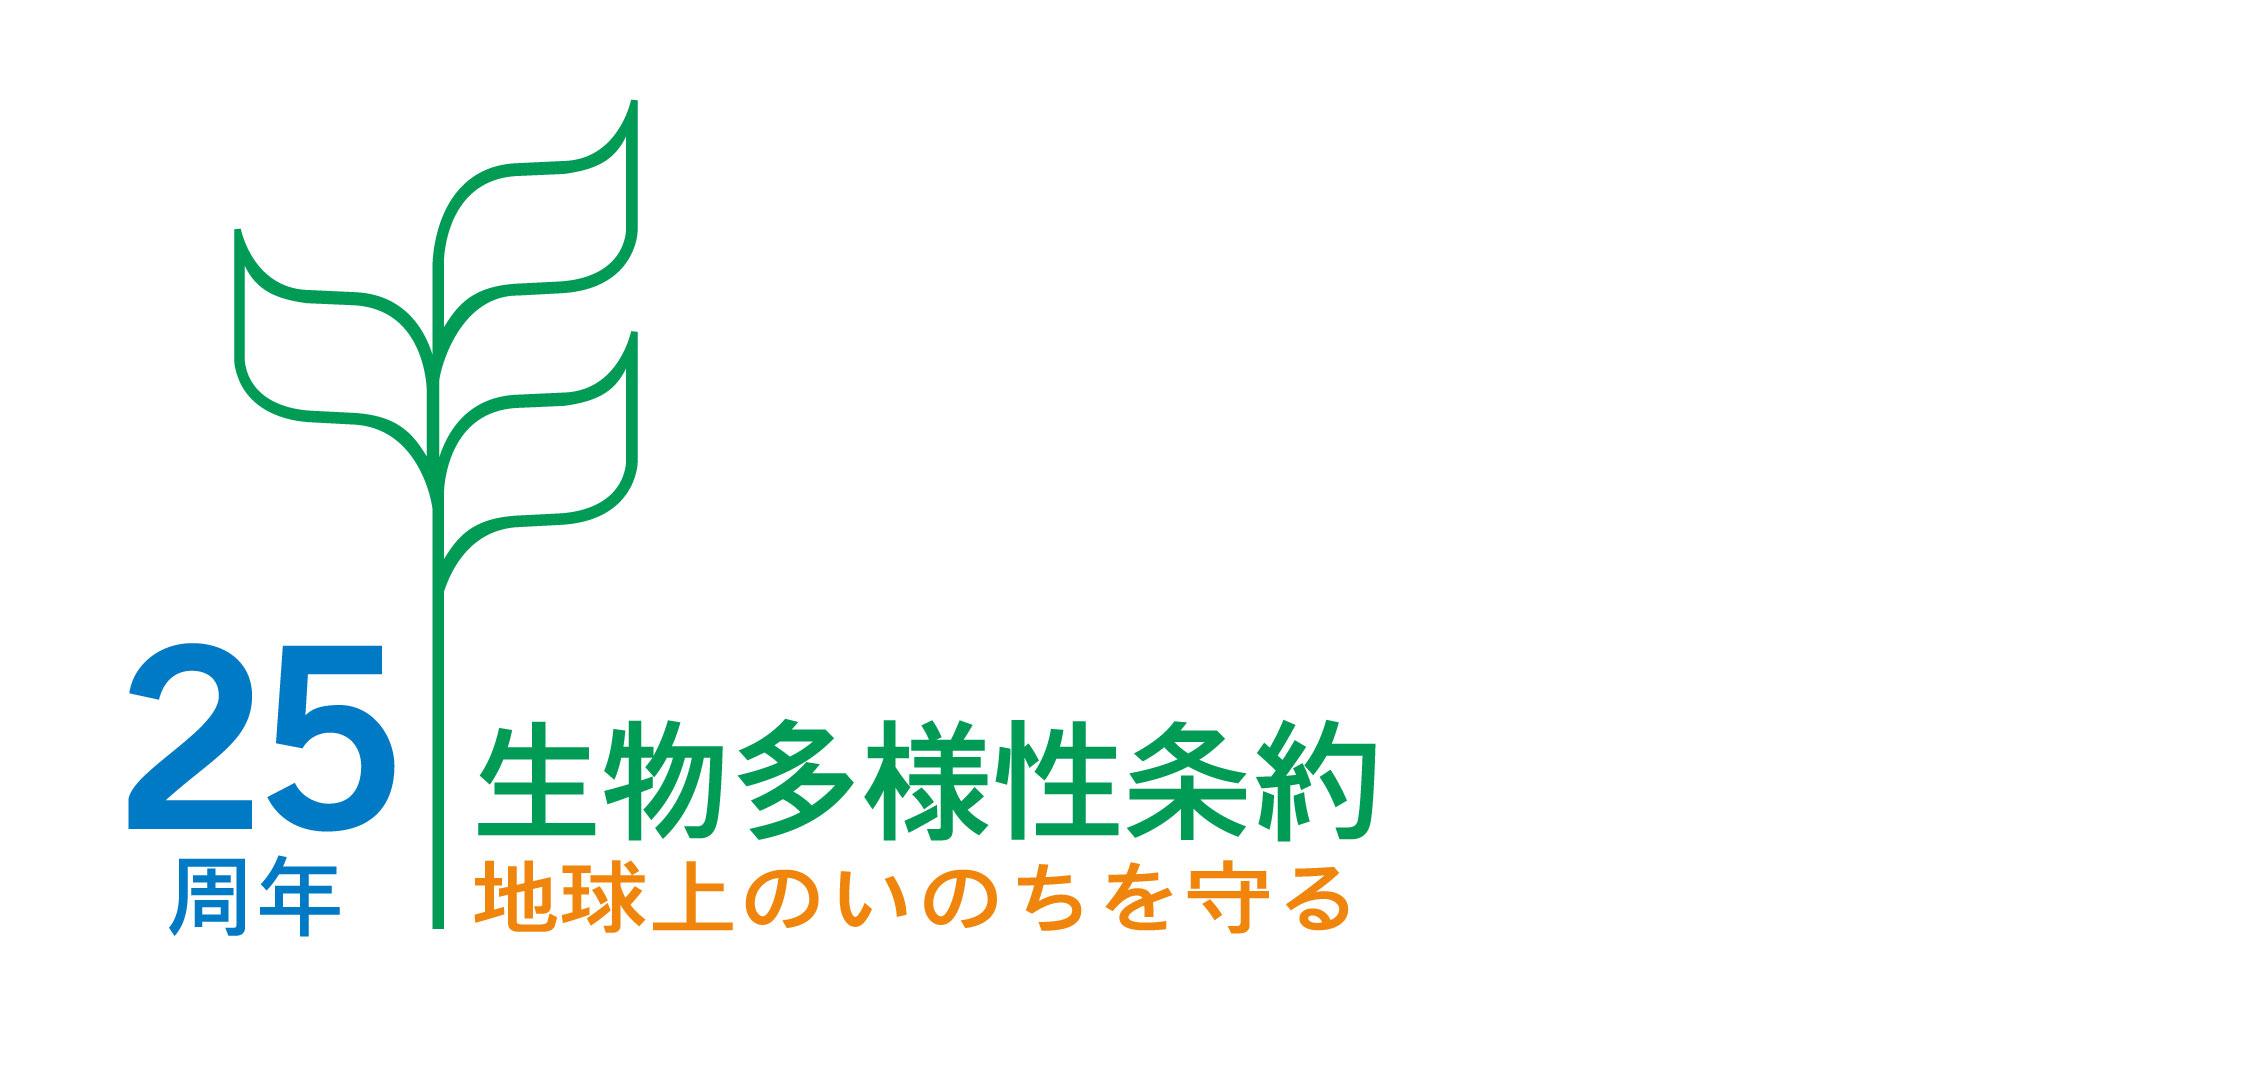 日本語版ロゴマーク